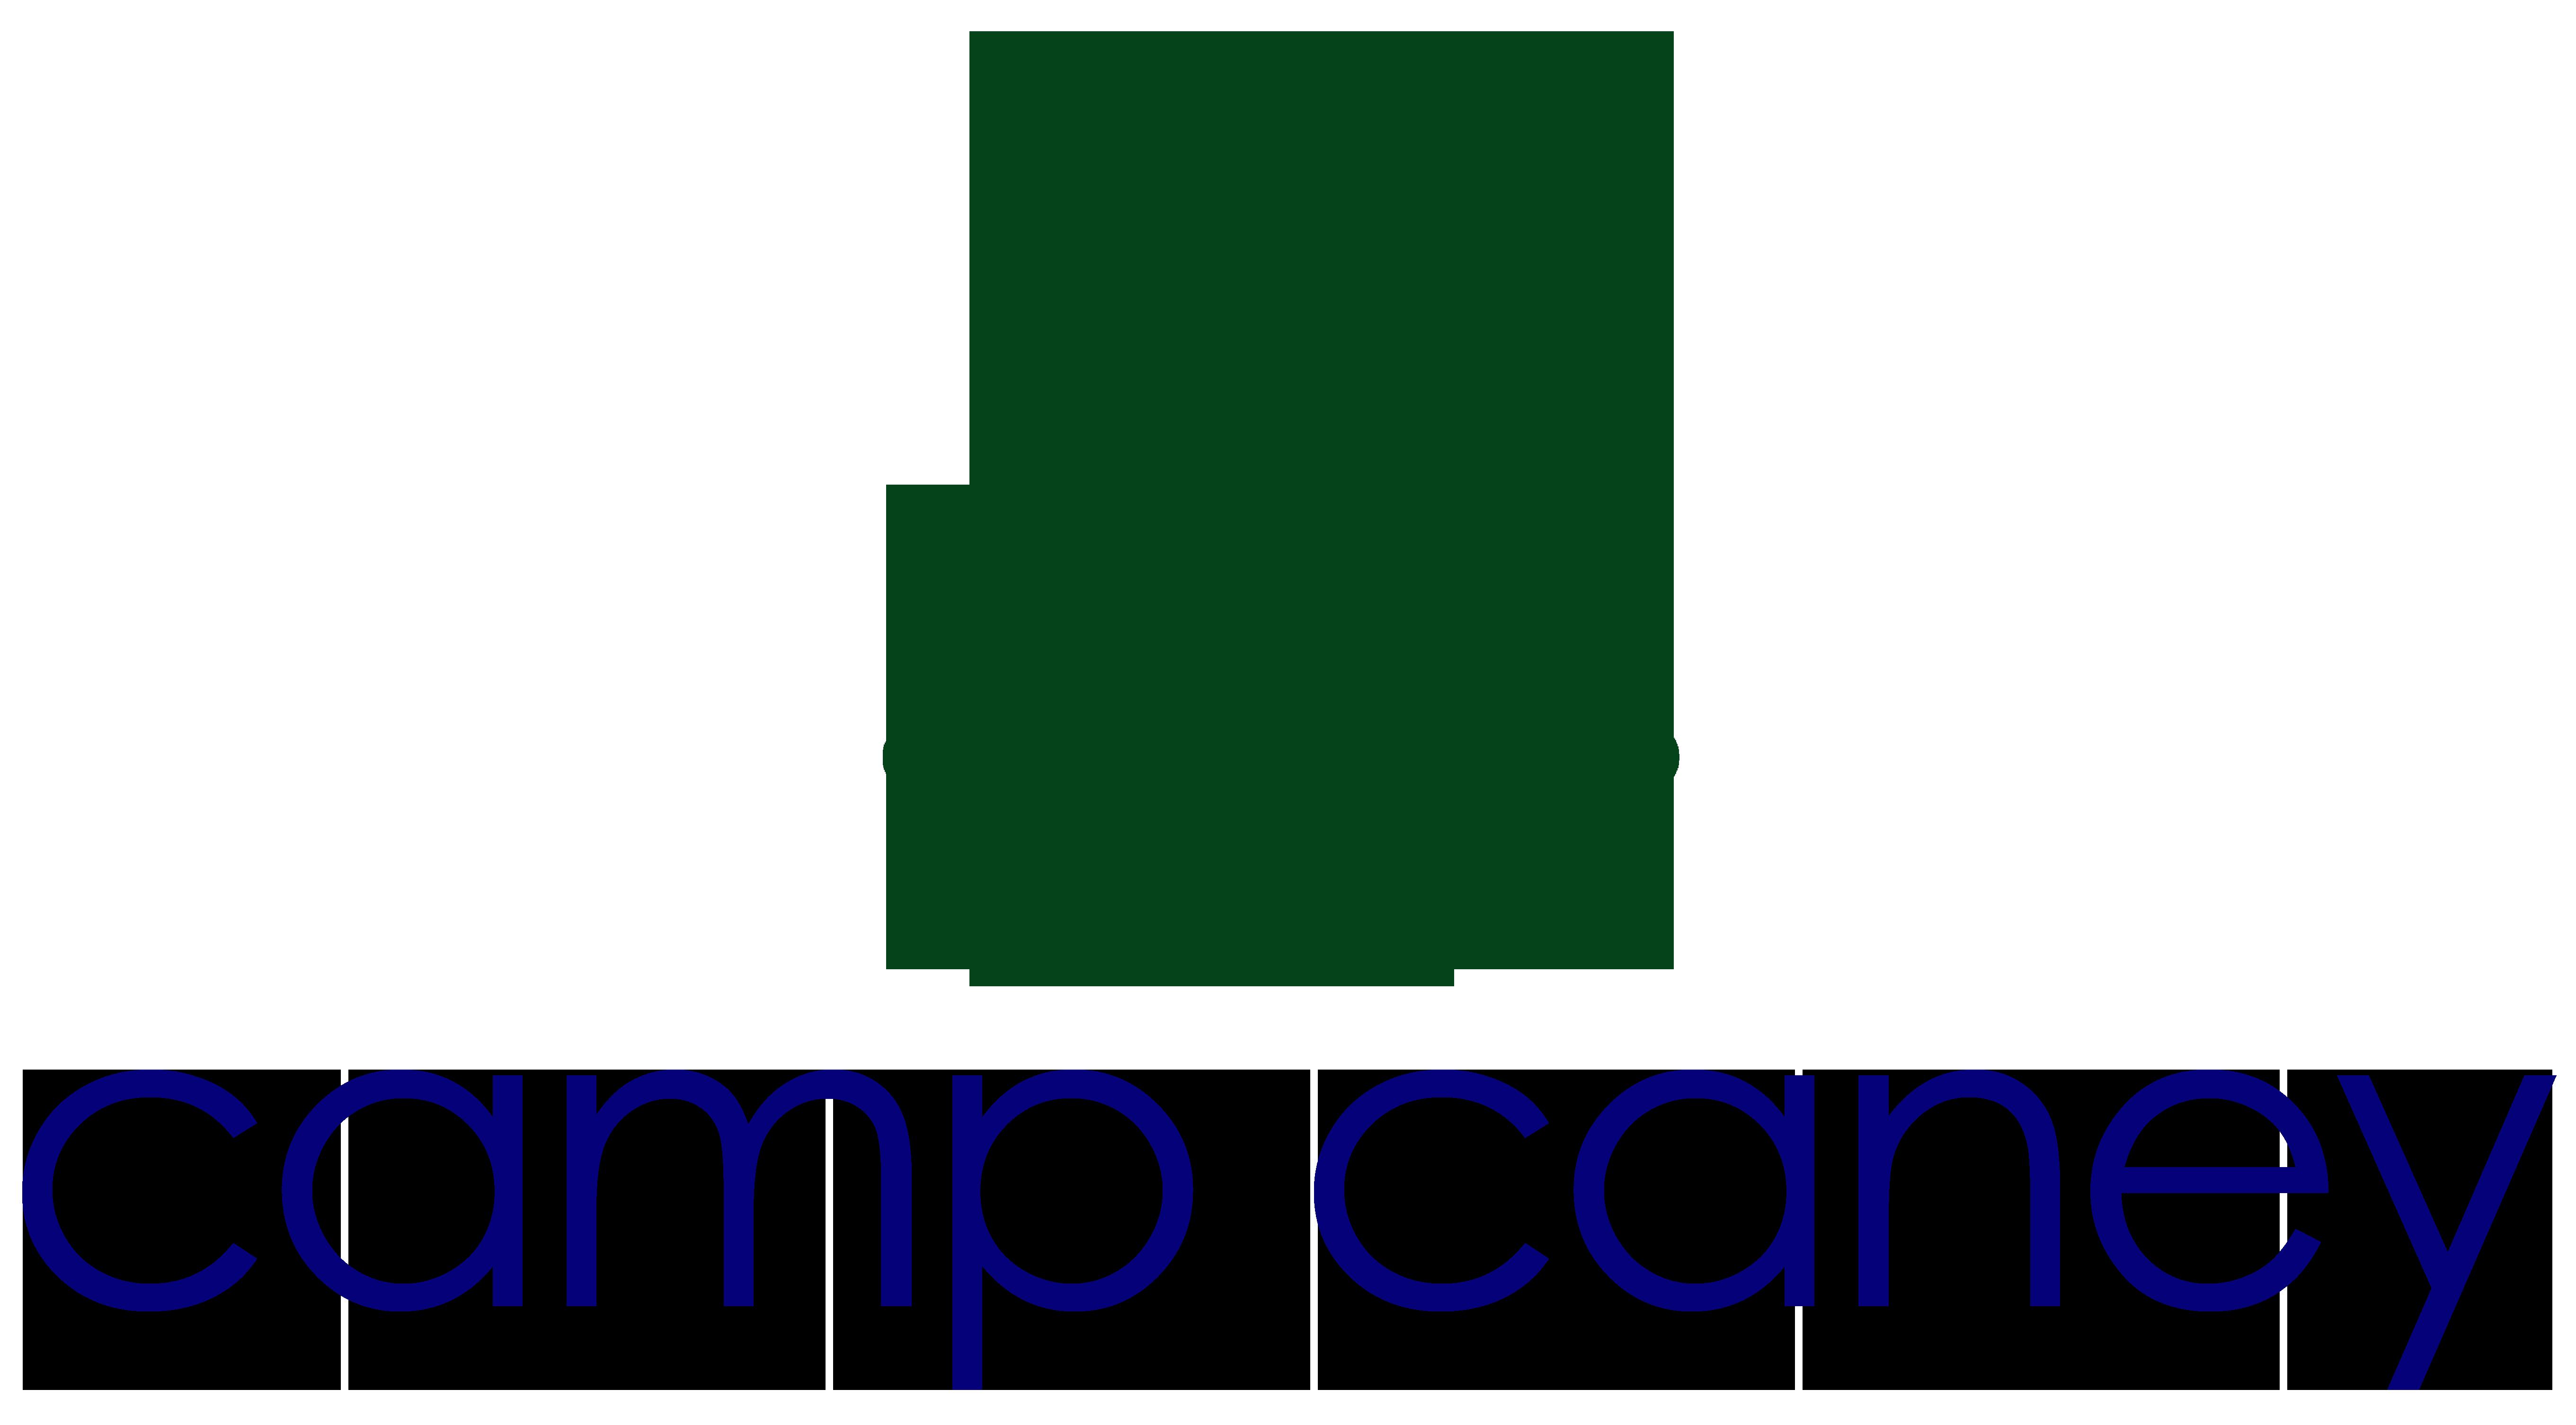 Camp Caney